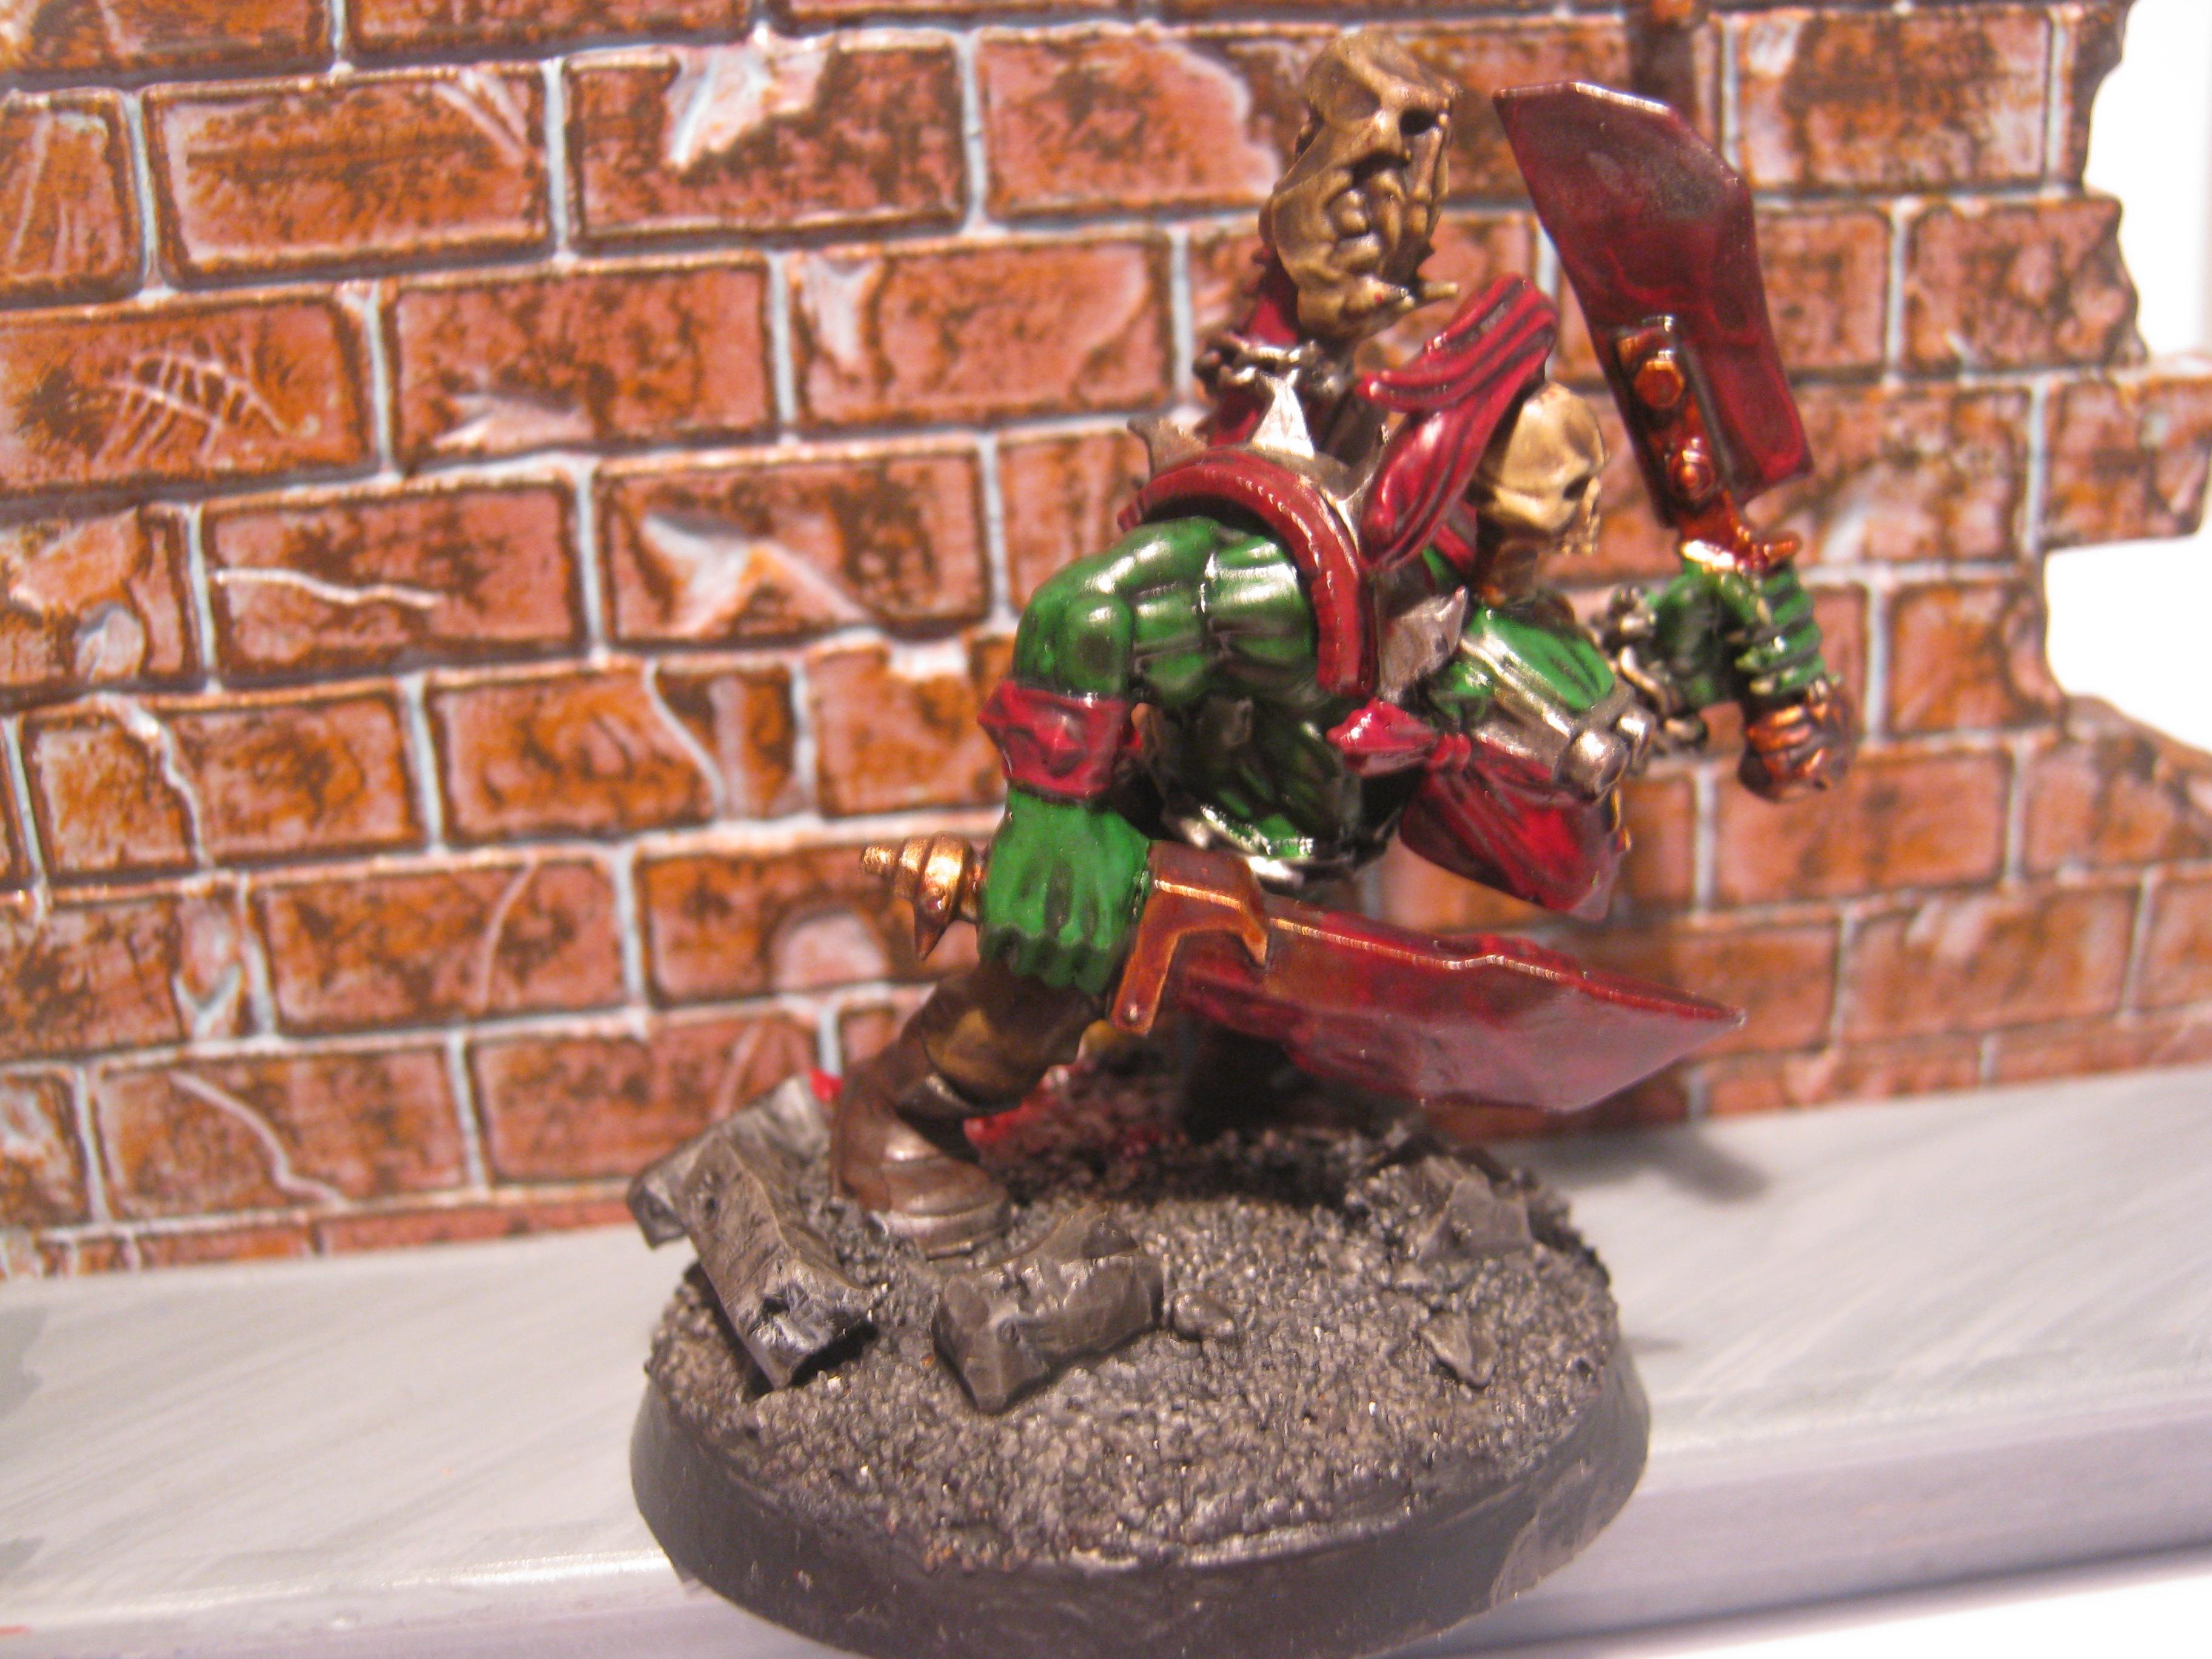 Boss Snikrot, Conversion, Kommando, Orks, Warhammer 40,000